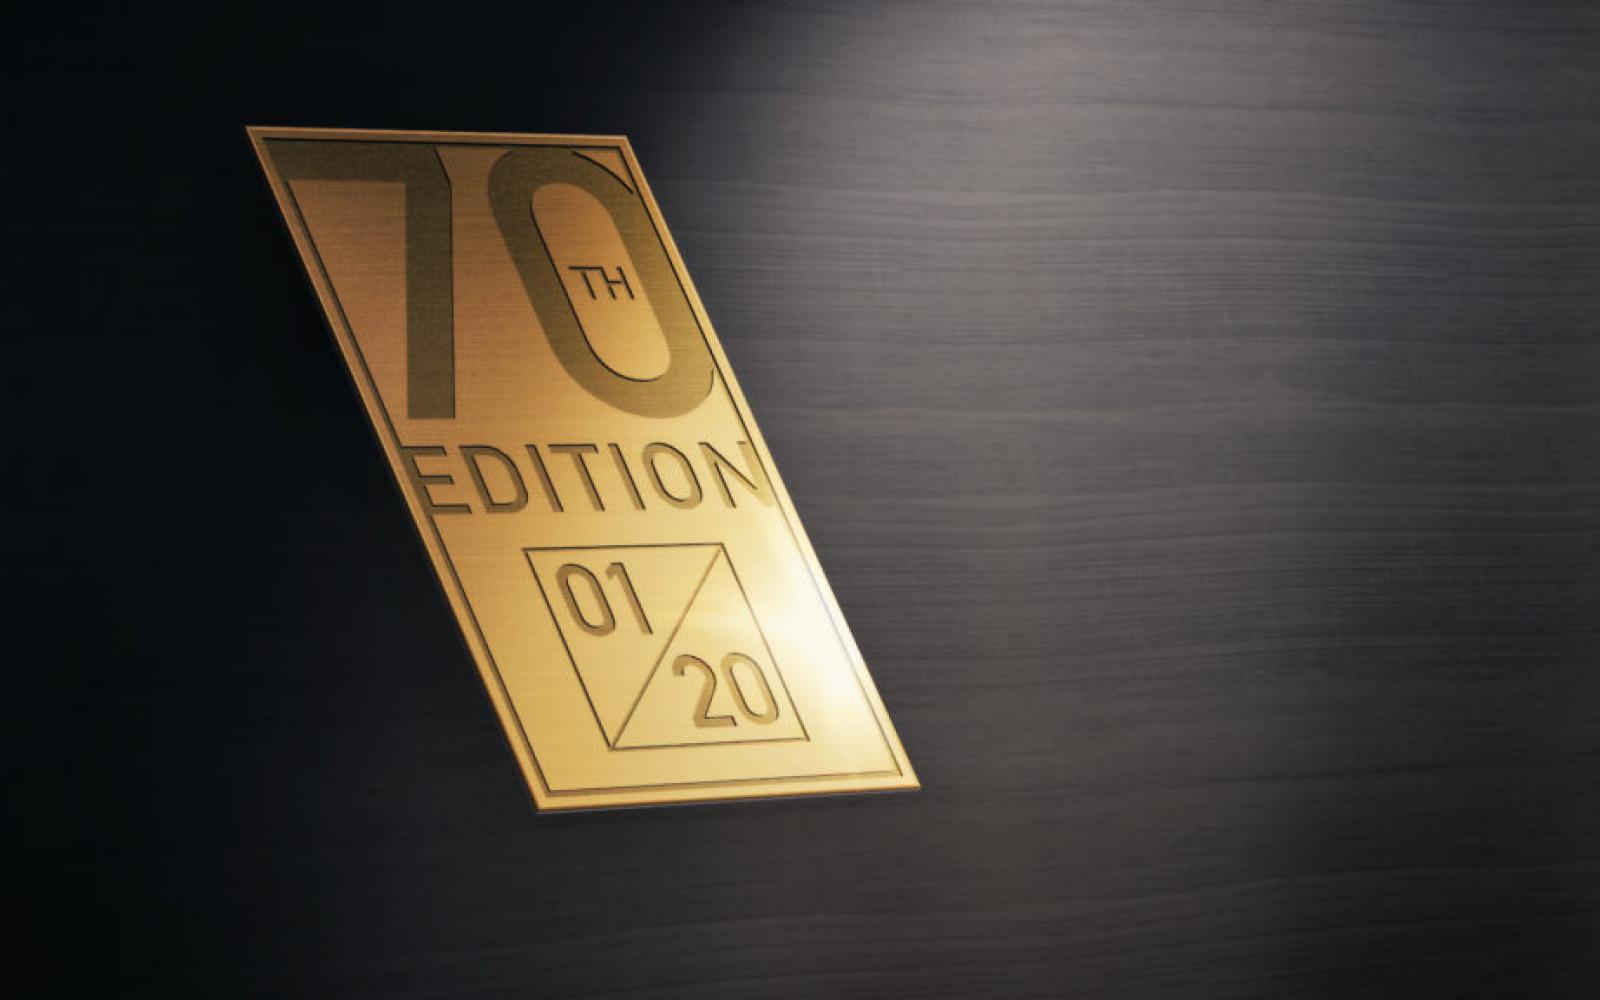 Waarom de Morgan Plus 4 70th Anniversary Edition een goudkleurig chassis heeft?